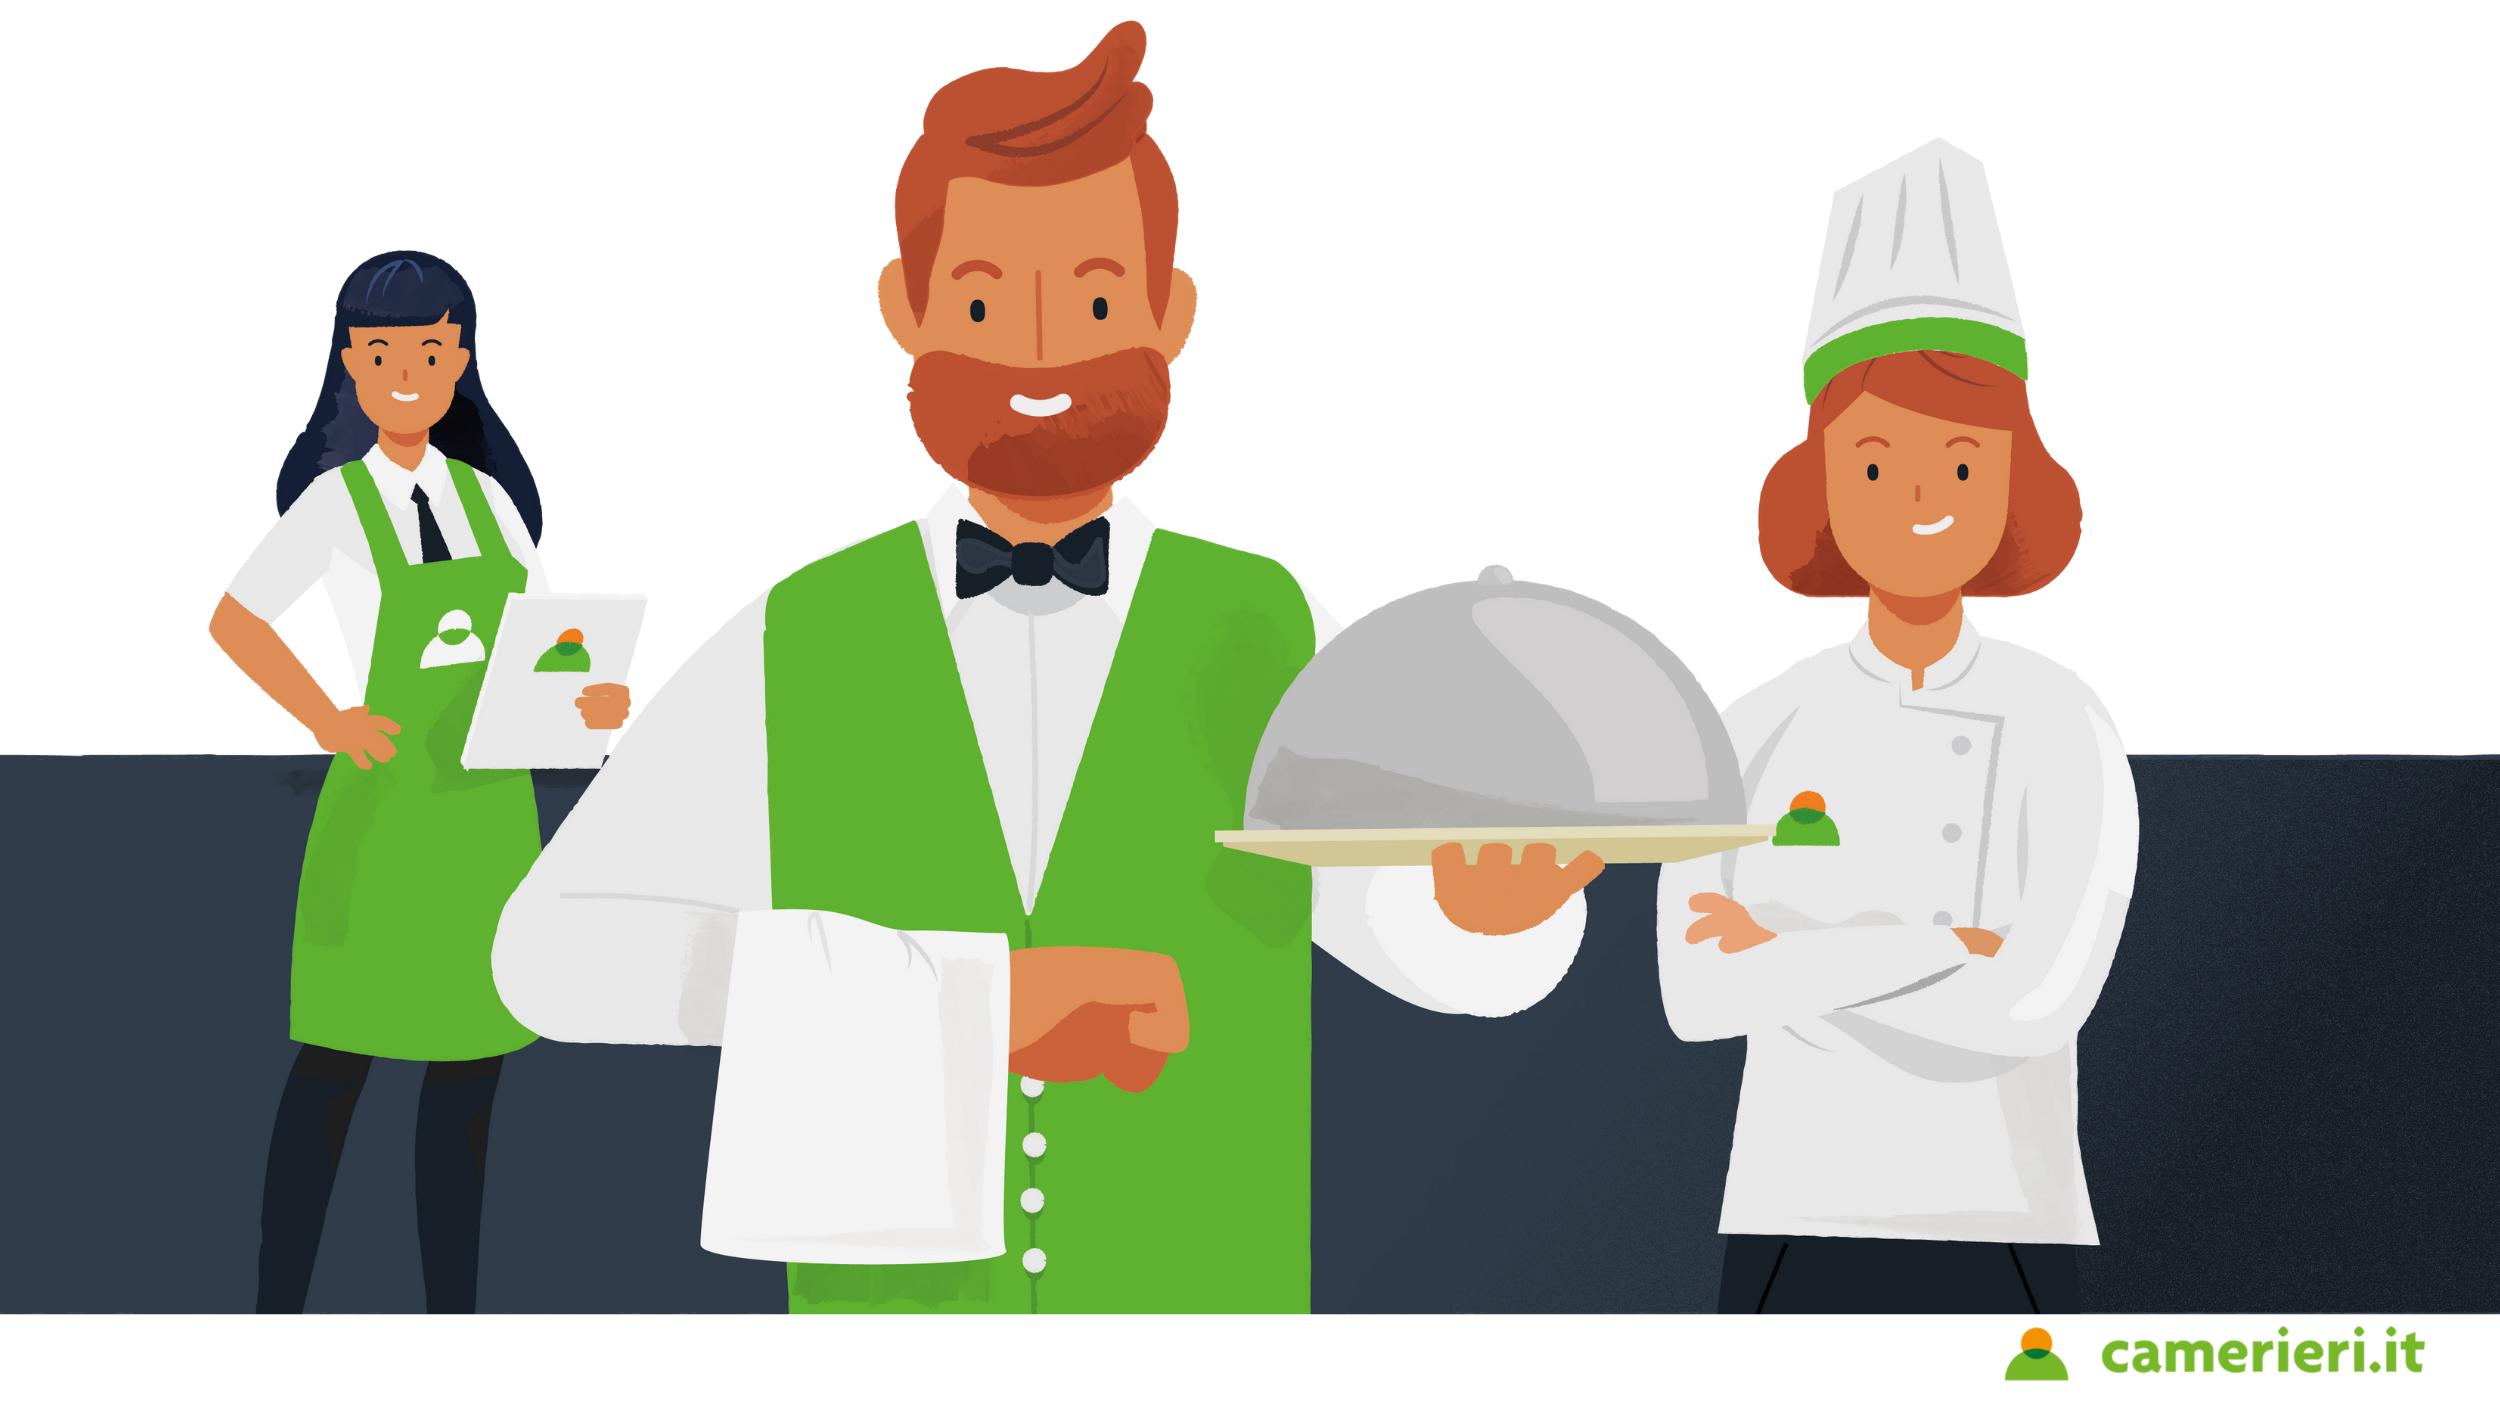 Gerarchia di sala e cucina: ruoli e mansioni della ristorazione